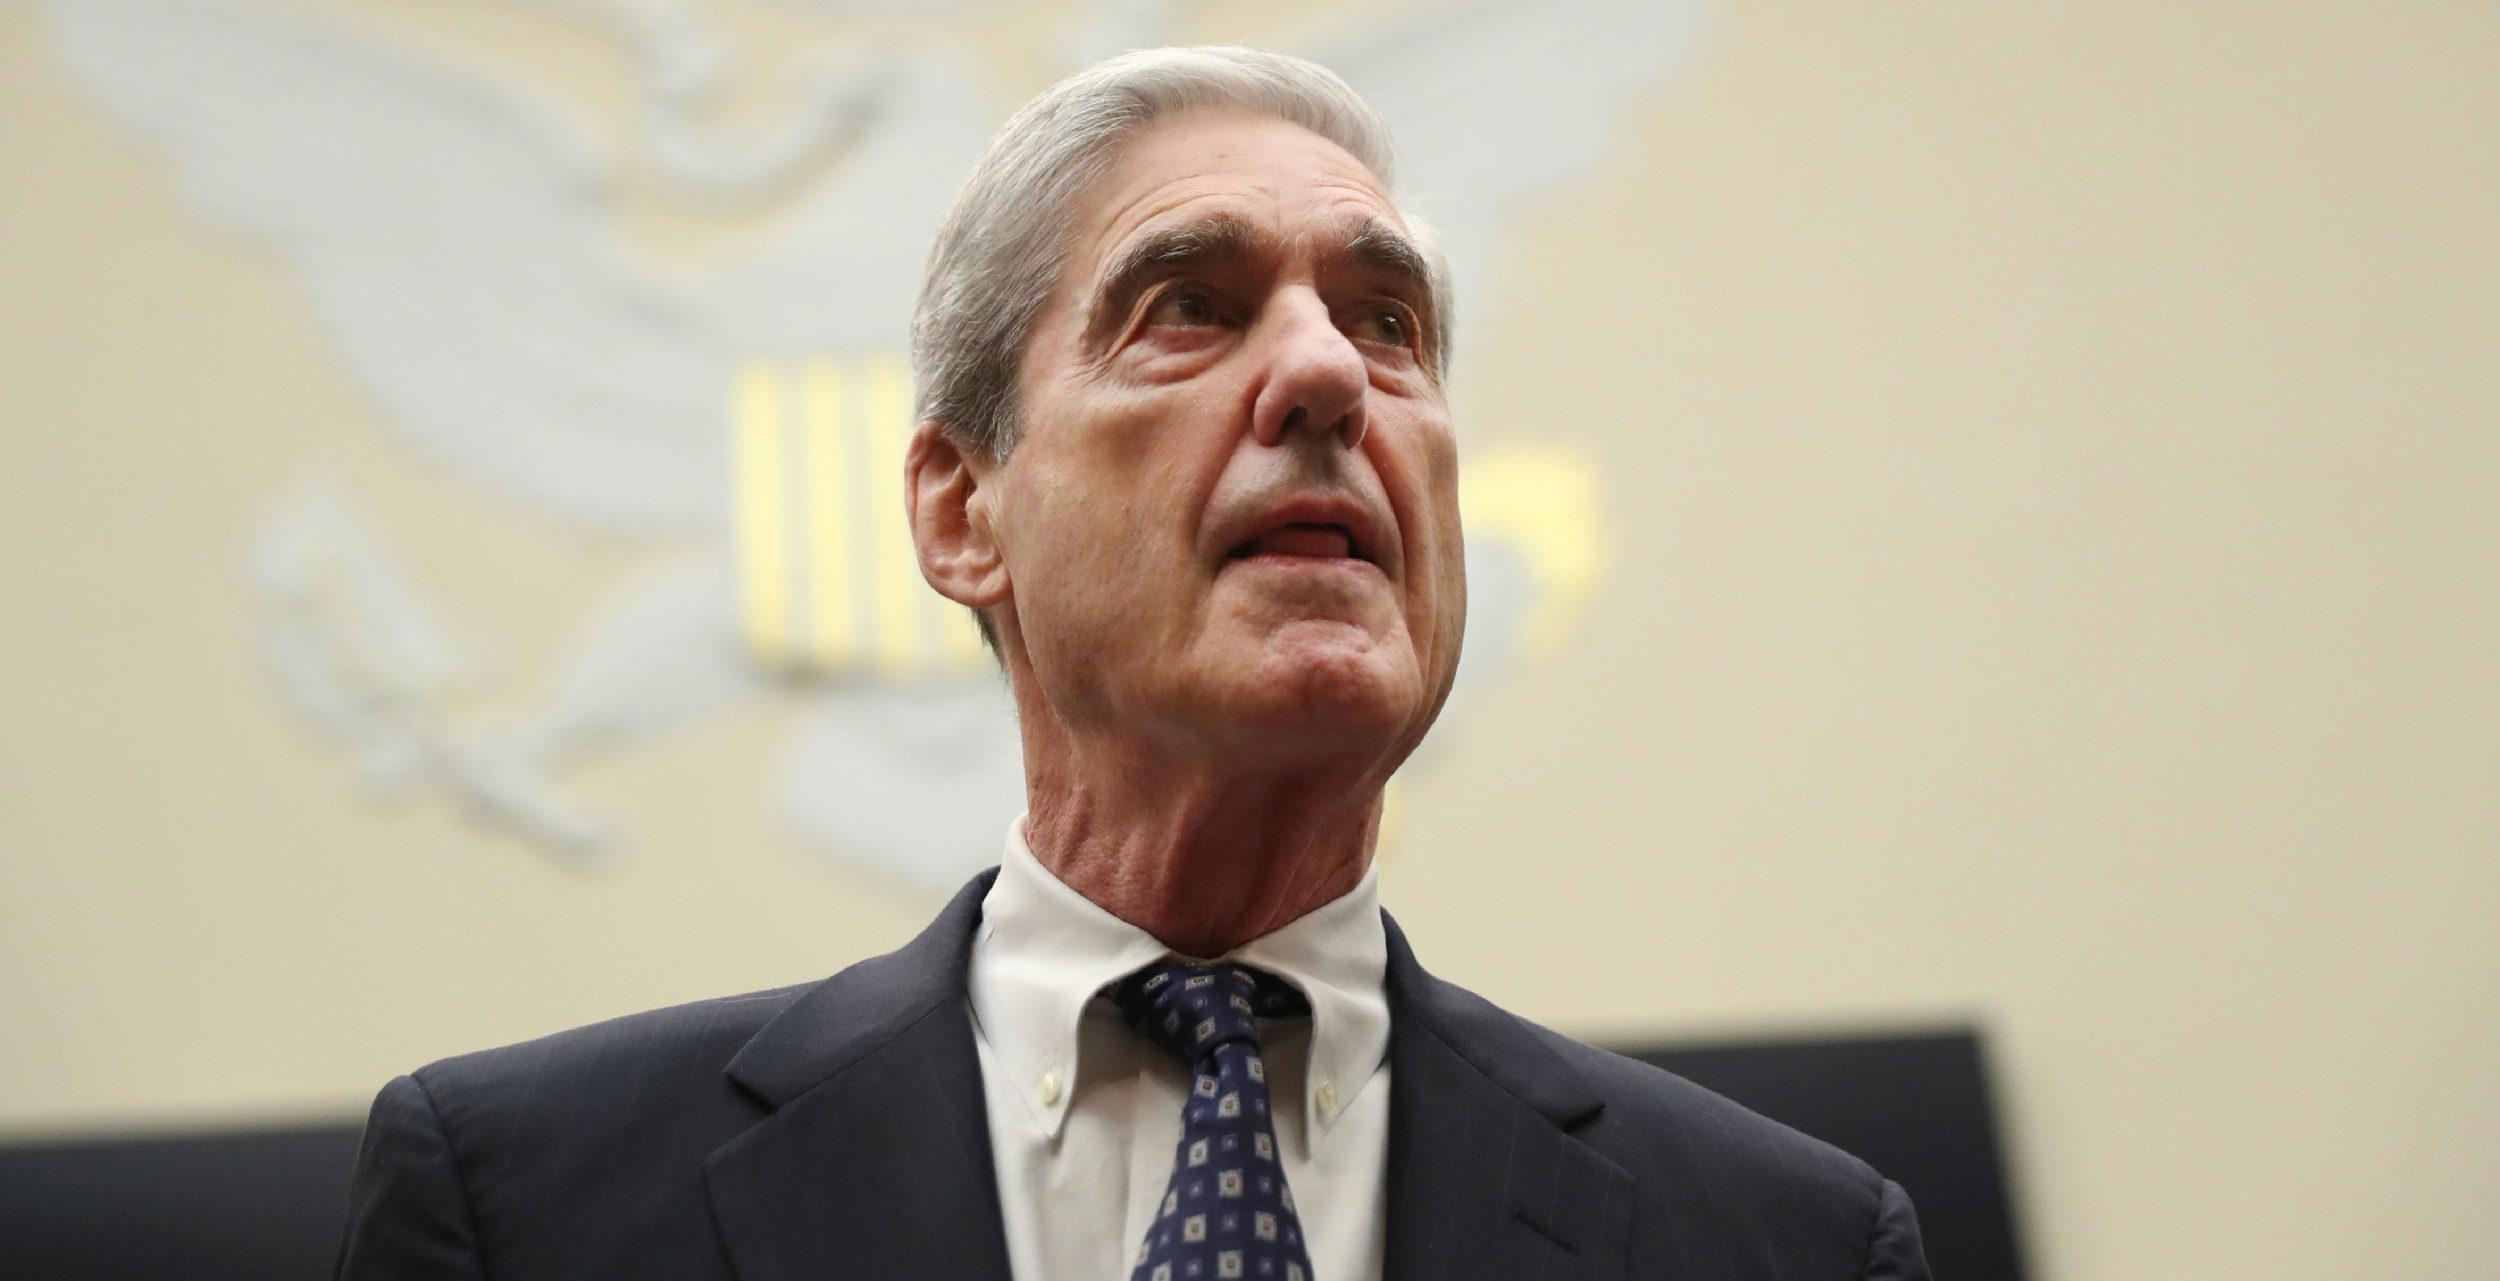 Mueller Dismisses Trump's Claim Of 'Exoneration'